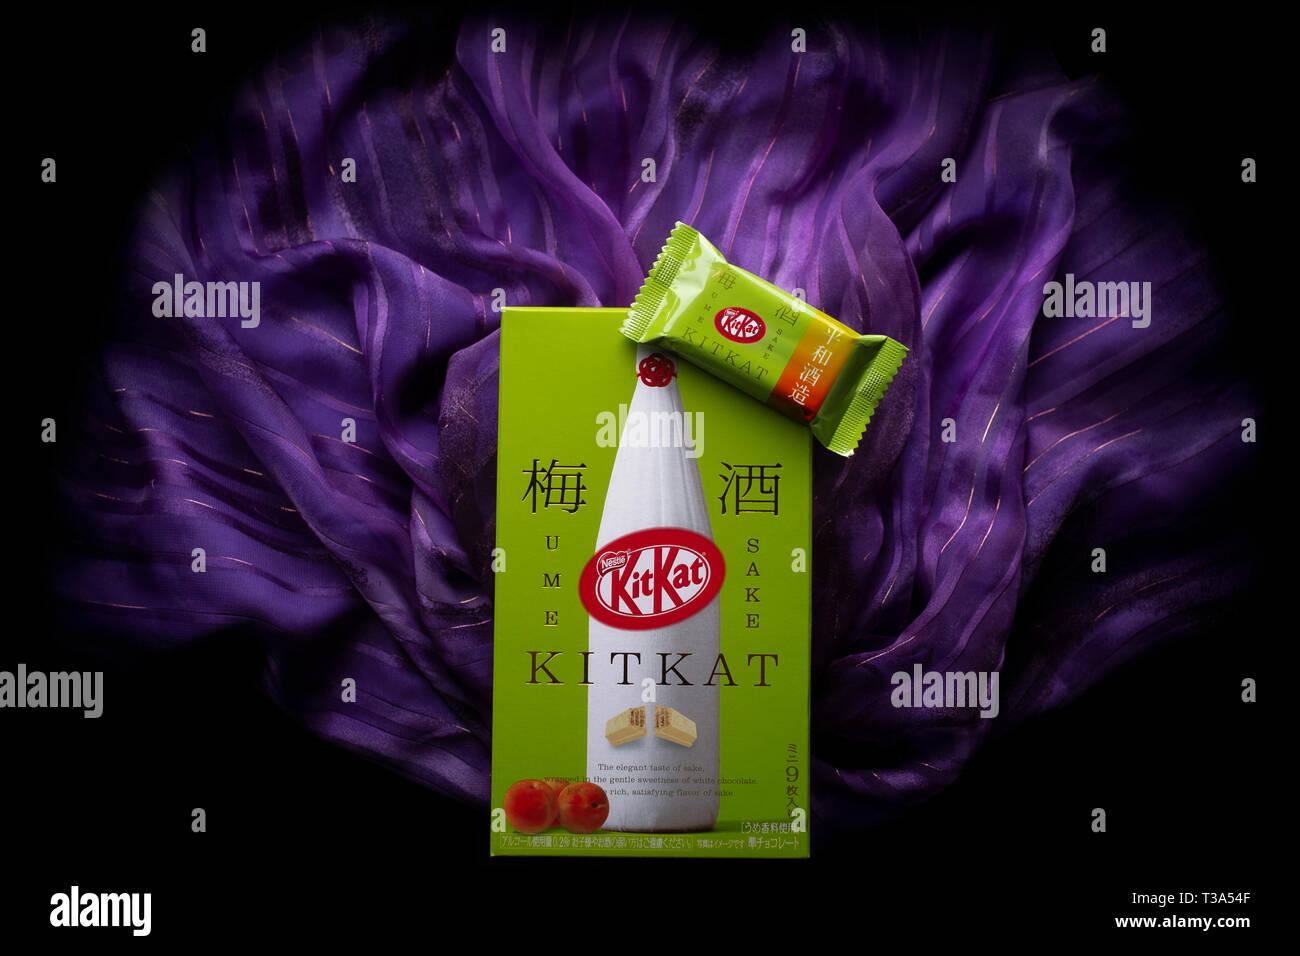 A Japanese Plum Sake Kit Kat - Stock Image